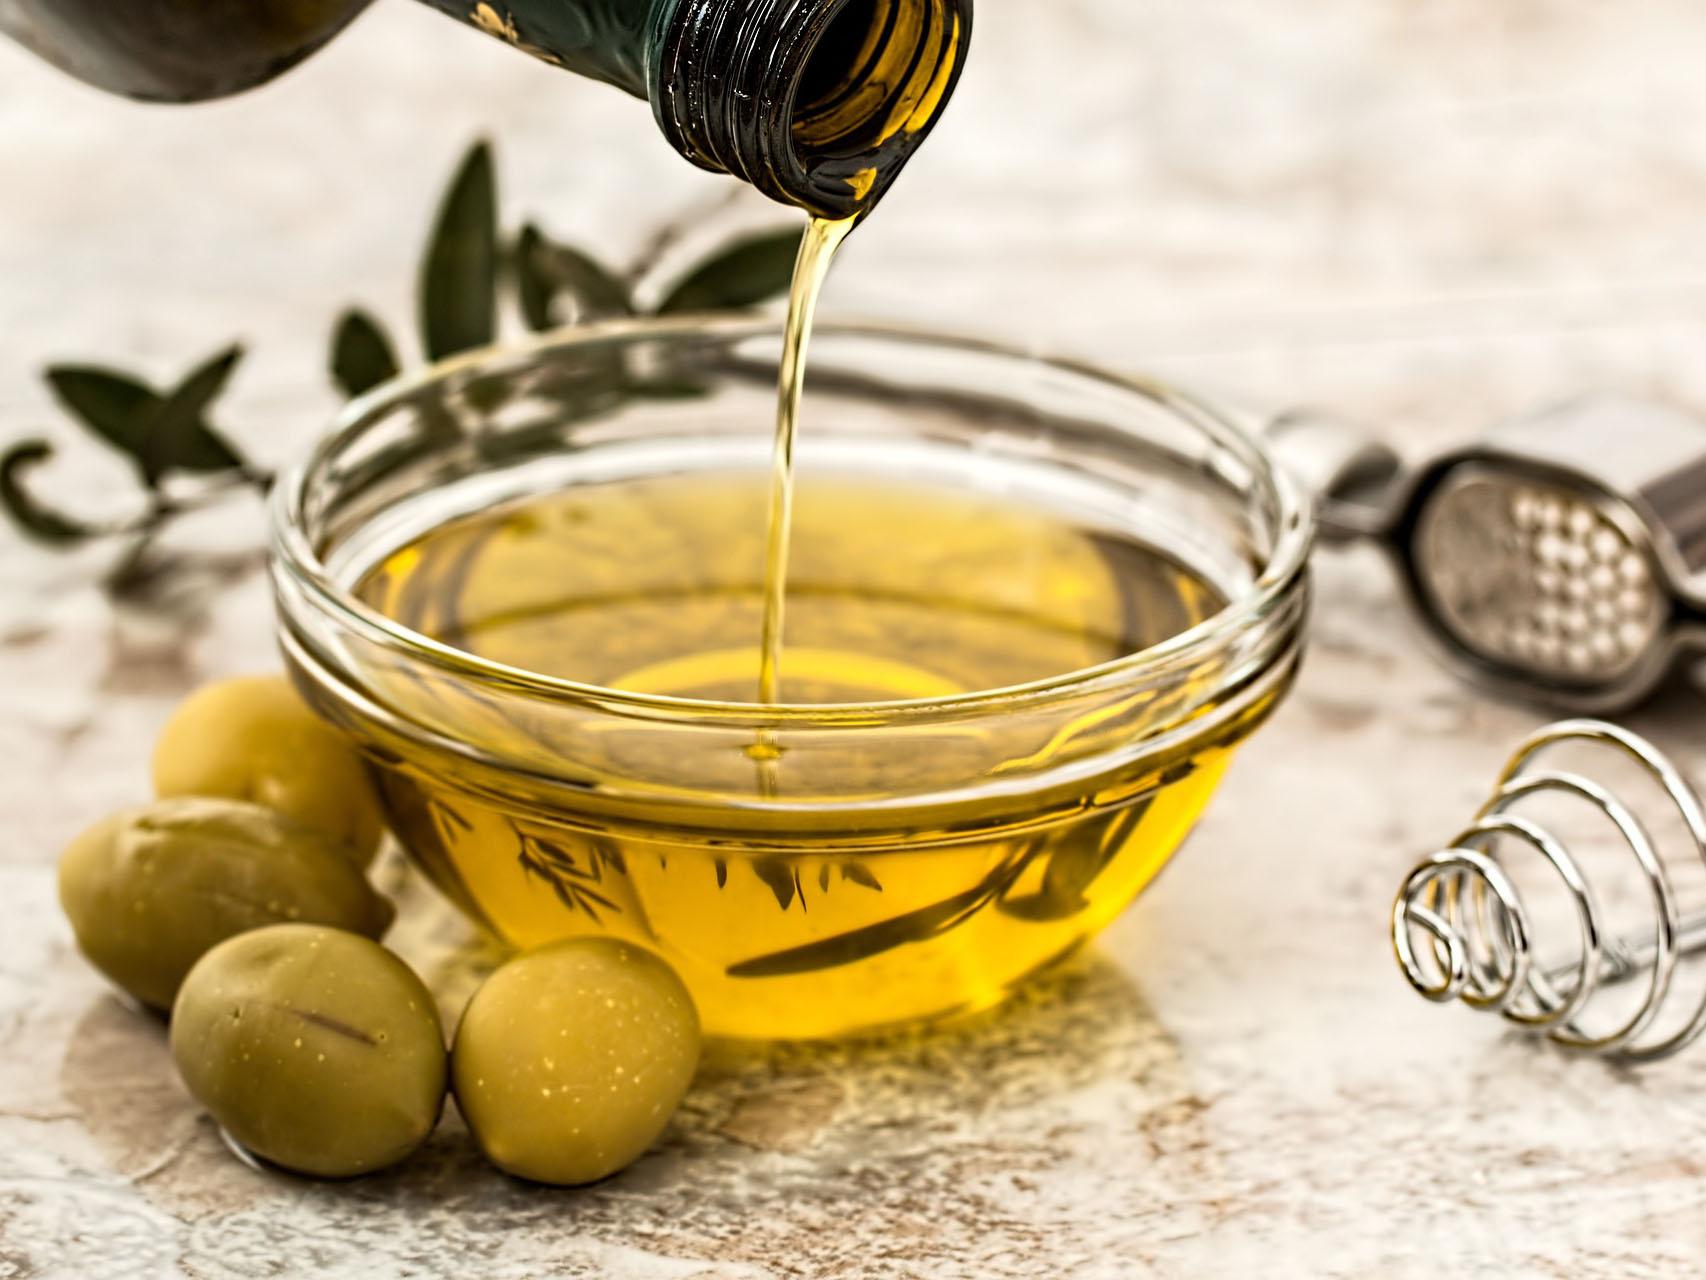 L'olio al ristorante